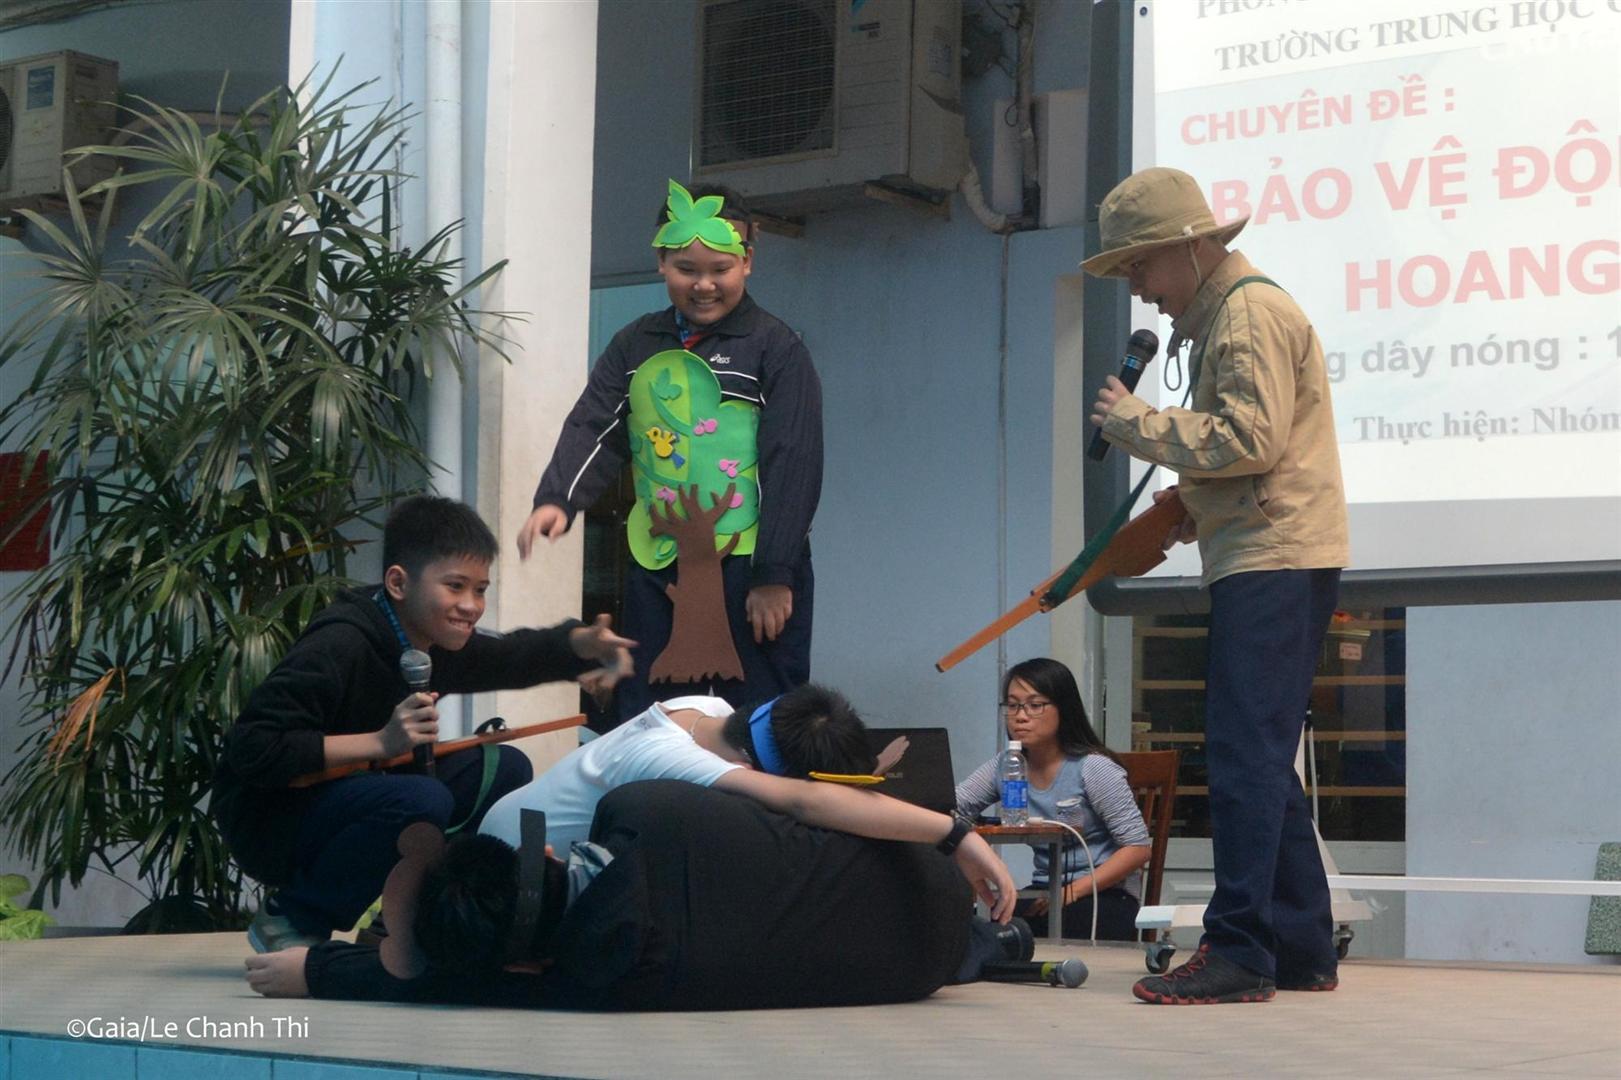 Học sinh trường Ba Đình diễn kịch về Bảo vệ động vật hoang dã